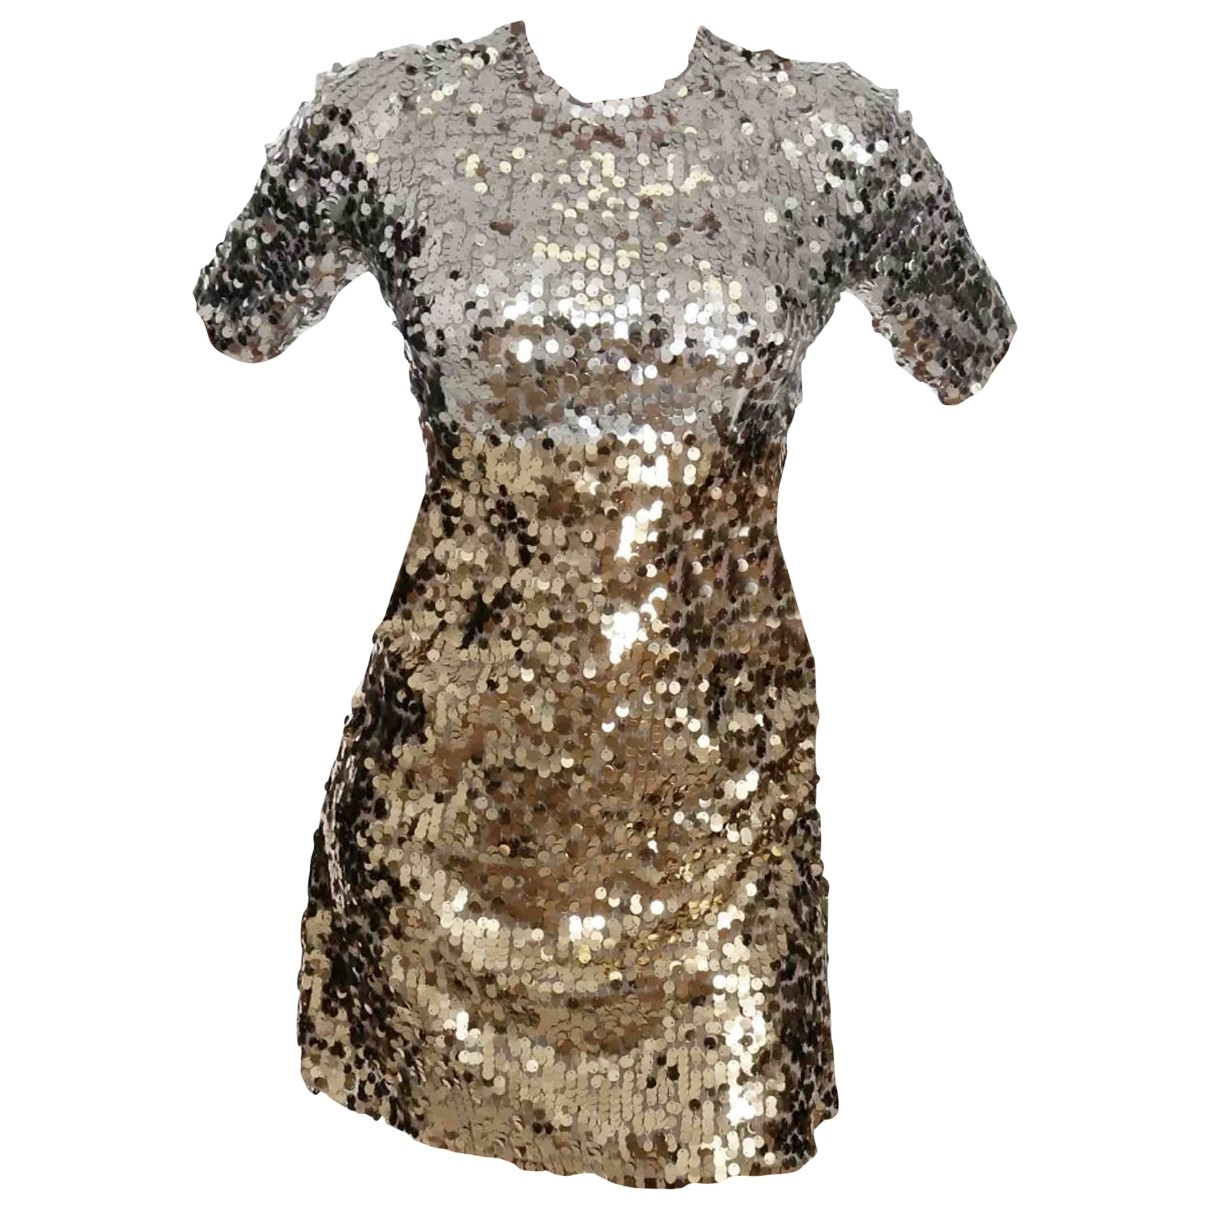 Dolce & Gabbana \N Kleid in  Silber Mit Pailletten